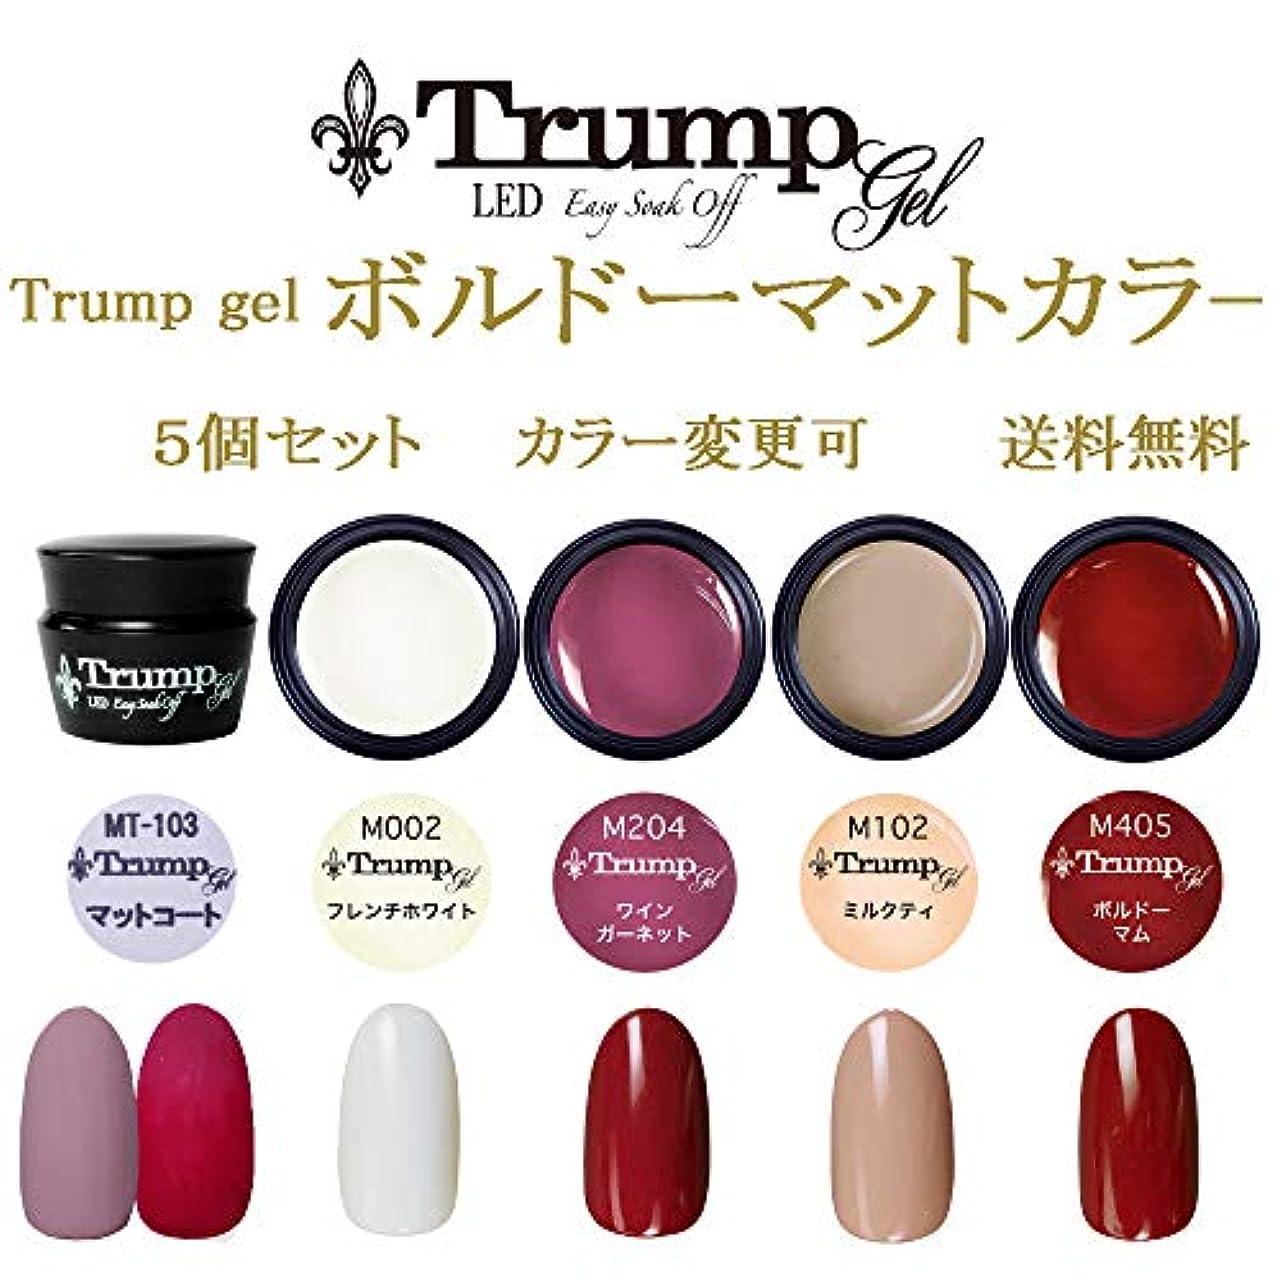 なかなかバンジョーおそらく日本製 Trump gel トランプジェル ボルドー マット カラー 選べる カラージェル 5個セット マットコート ホワイト ワイン レッド ベージュ